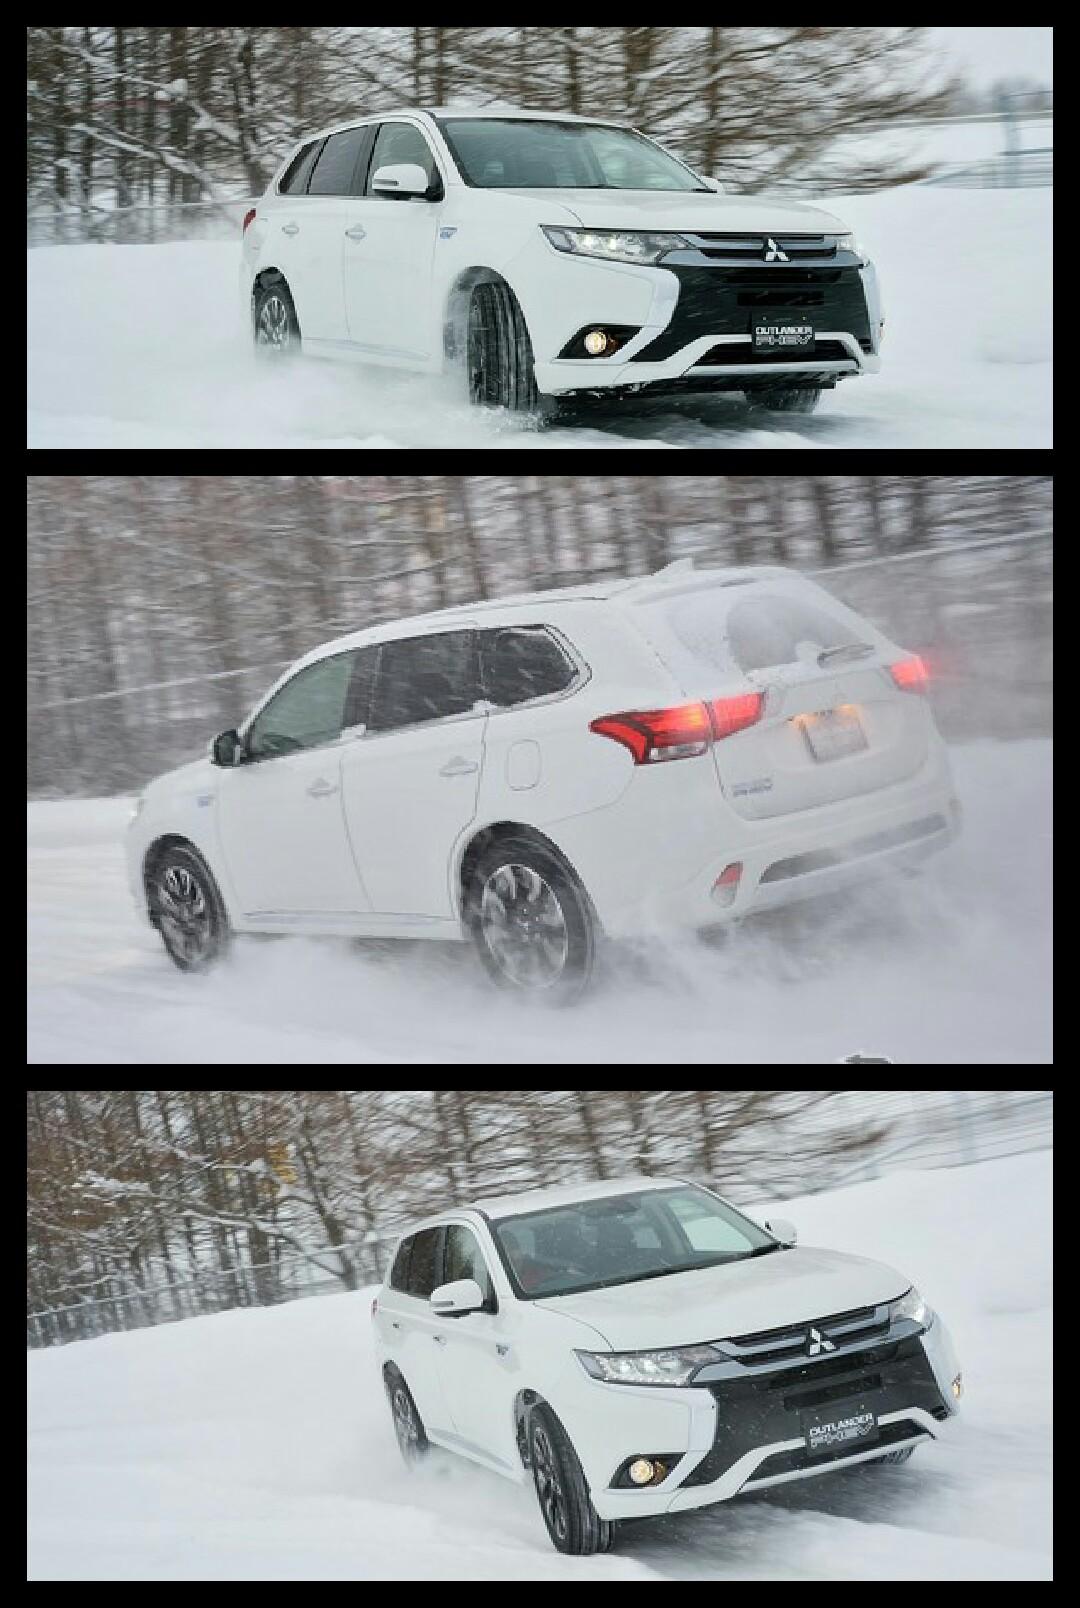 アウトランダーPHEV 開発車 北海道 雪上試乗会